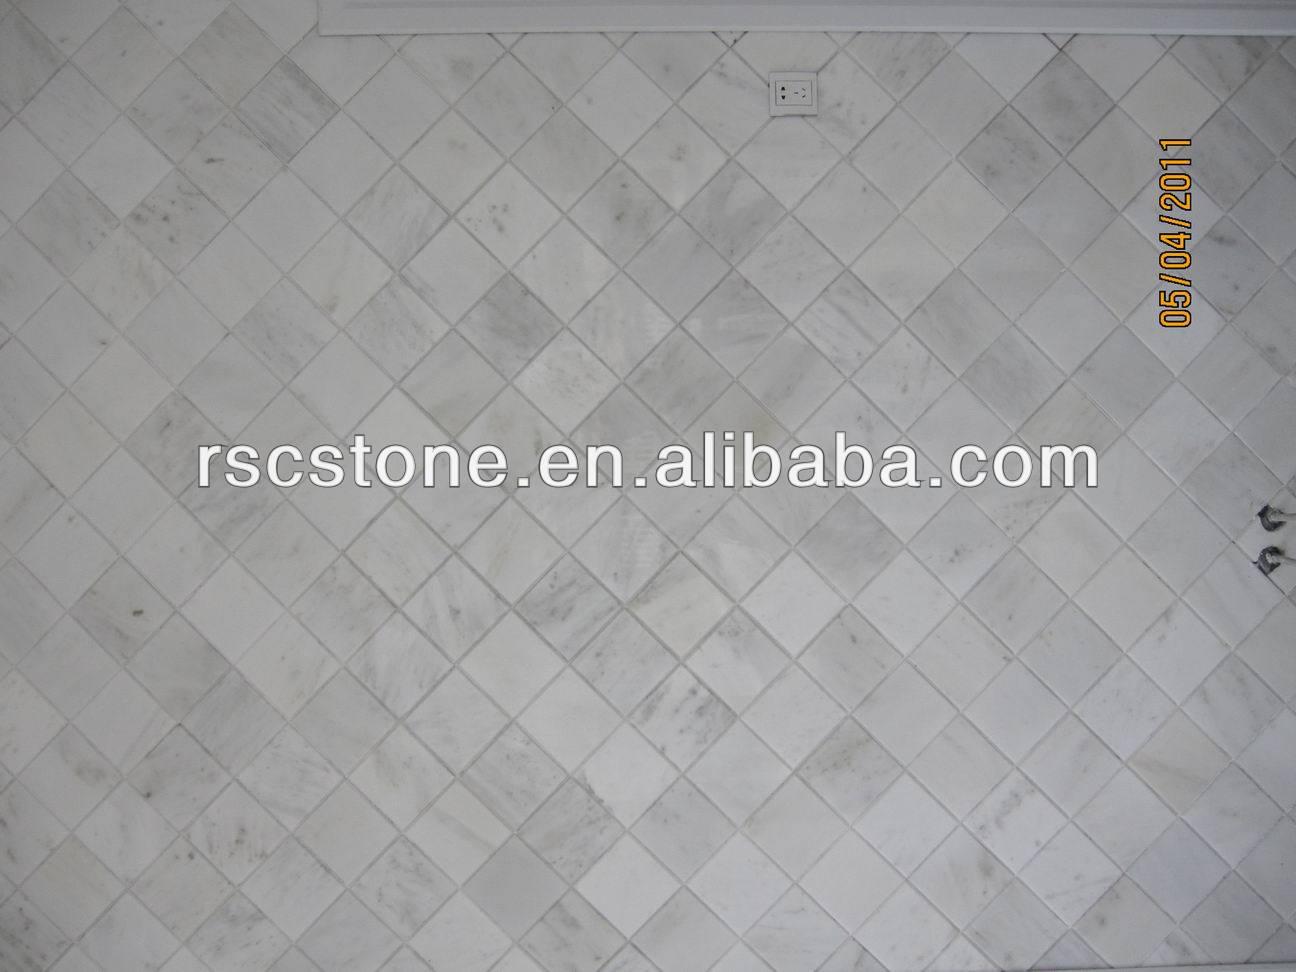 Ventajas para baldosas de mármol blanco losas para el diseño de